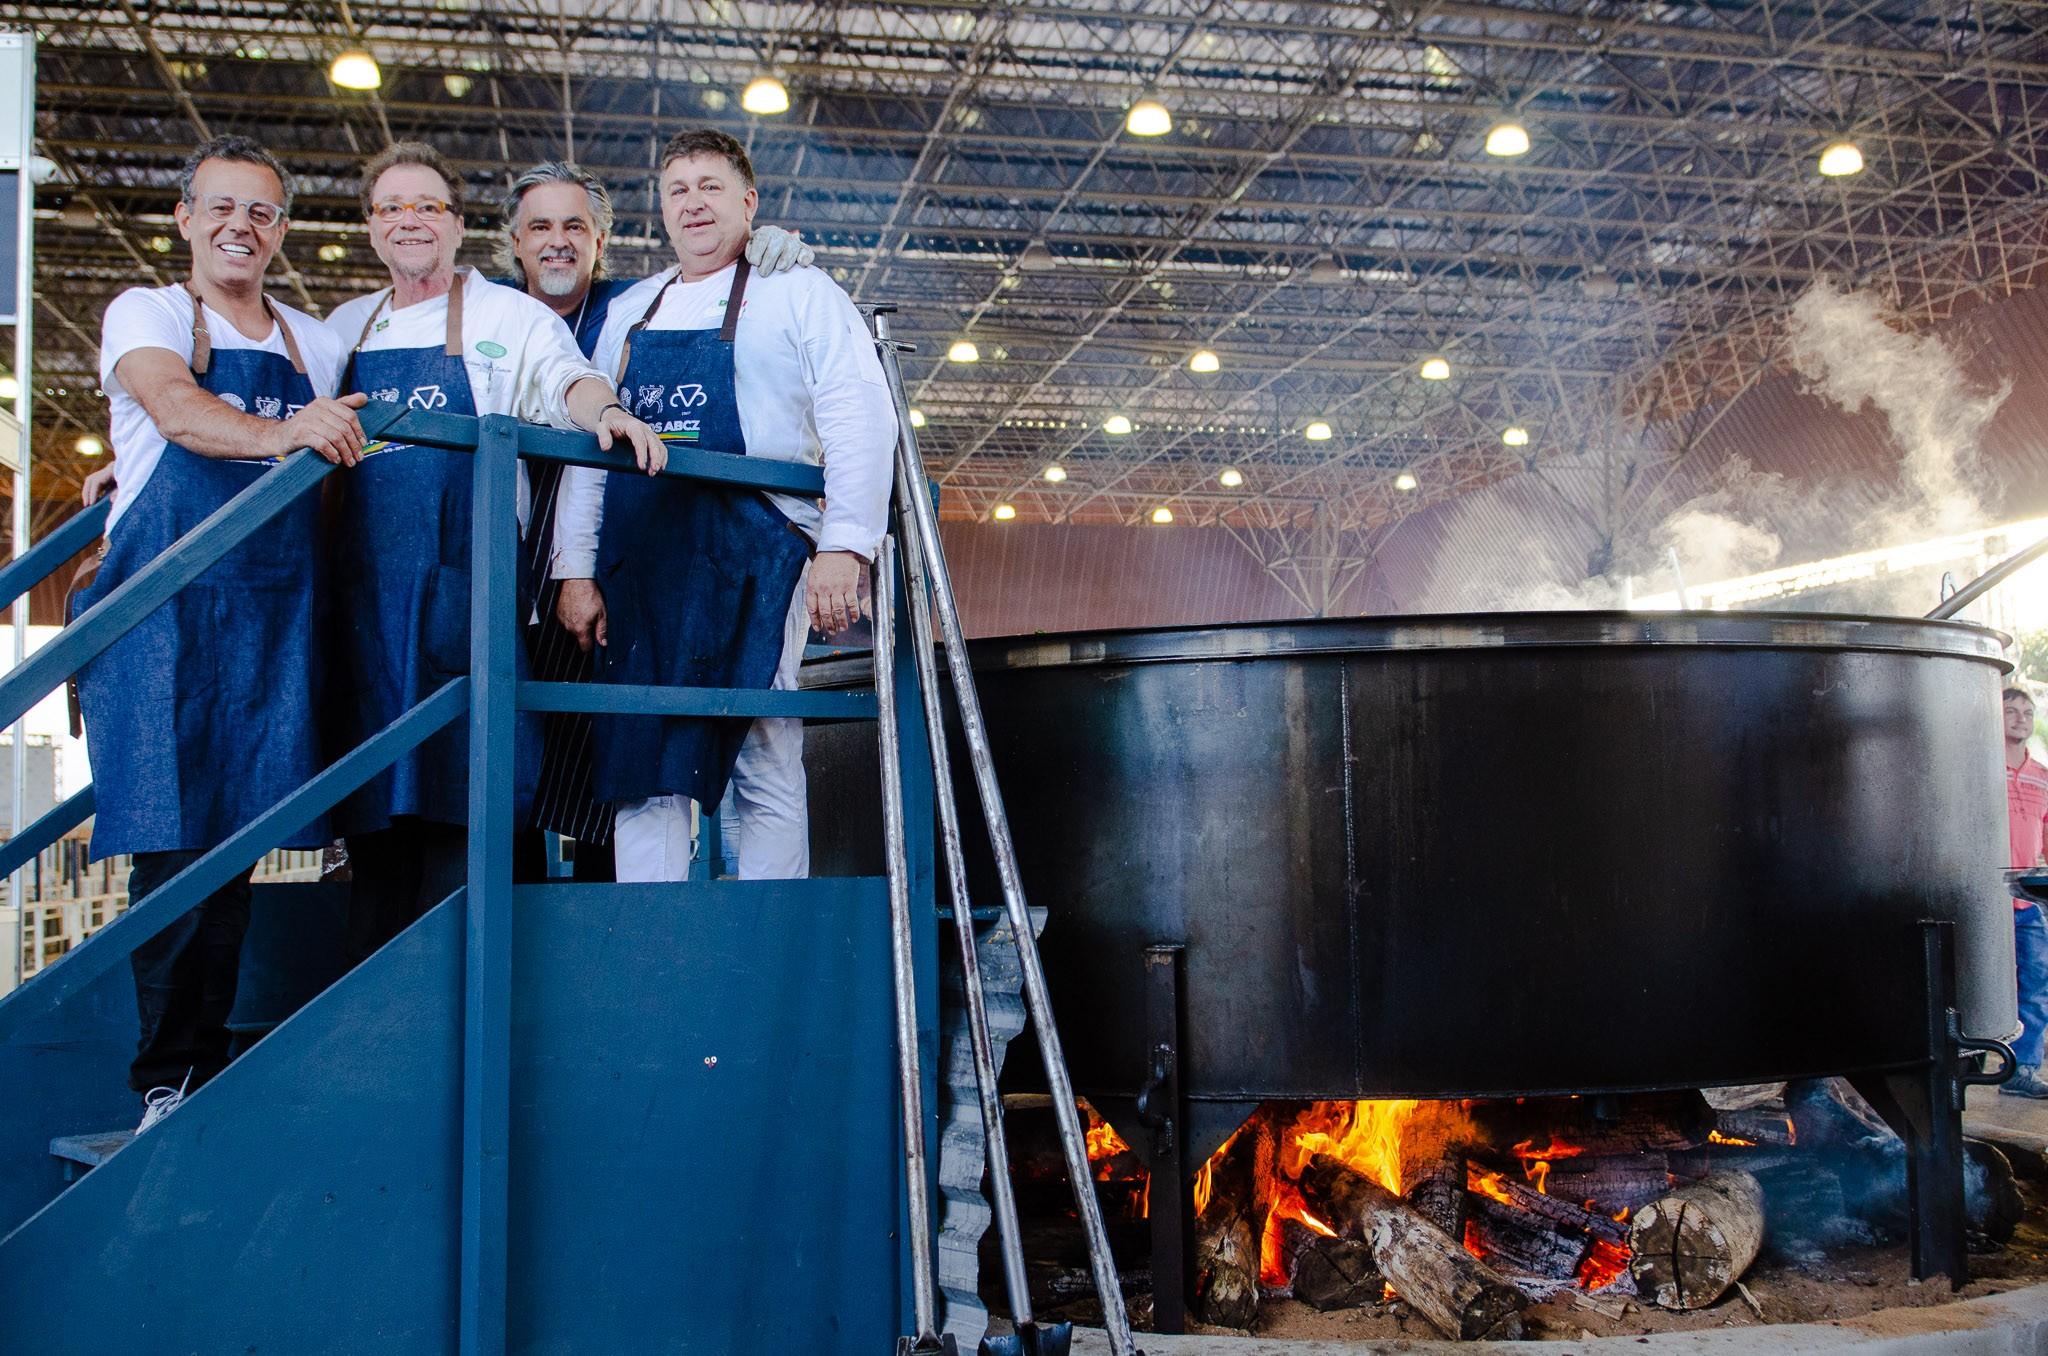 Os cinco chefs que passaram quase 12 horas preparando um cozido gigantesco de 4.778 quilos de carne (Foto: Maria Gabryella Ribeiro)